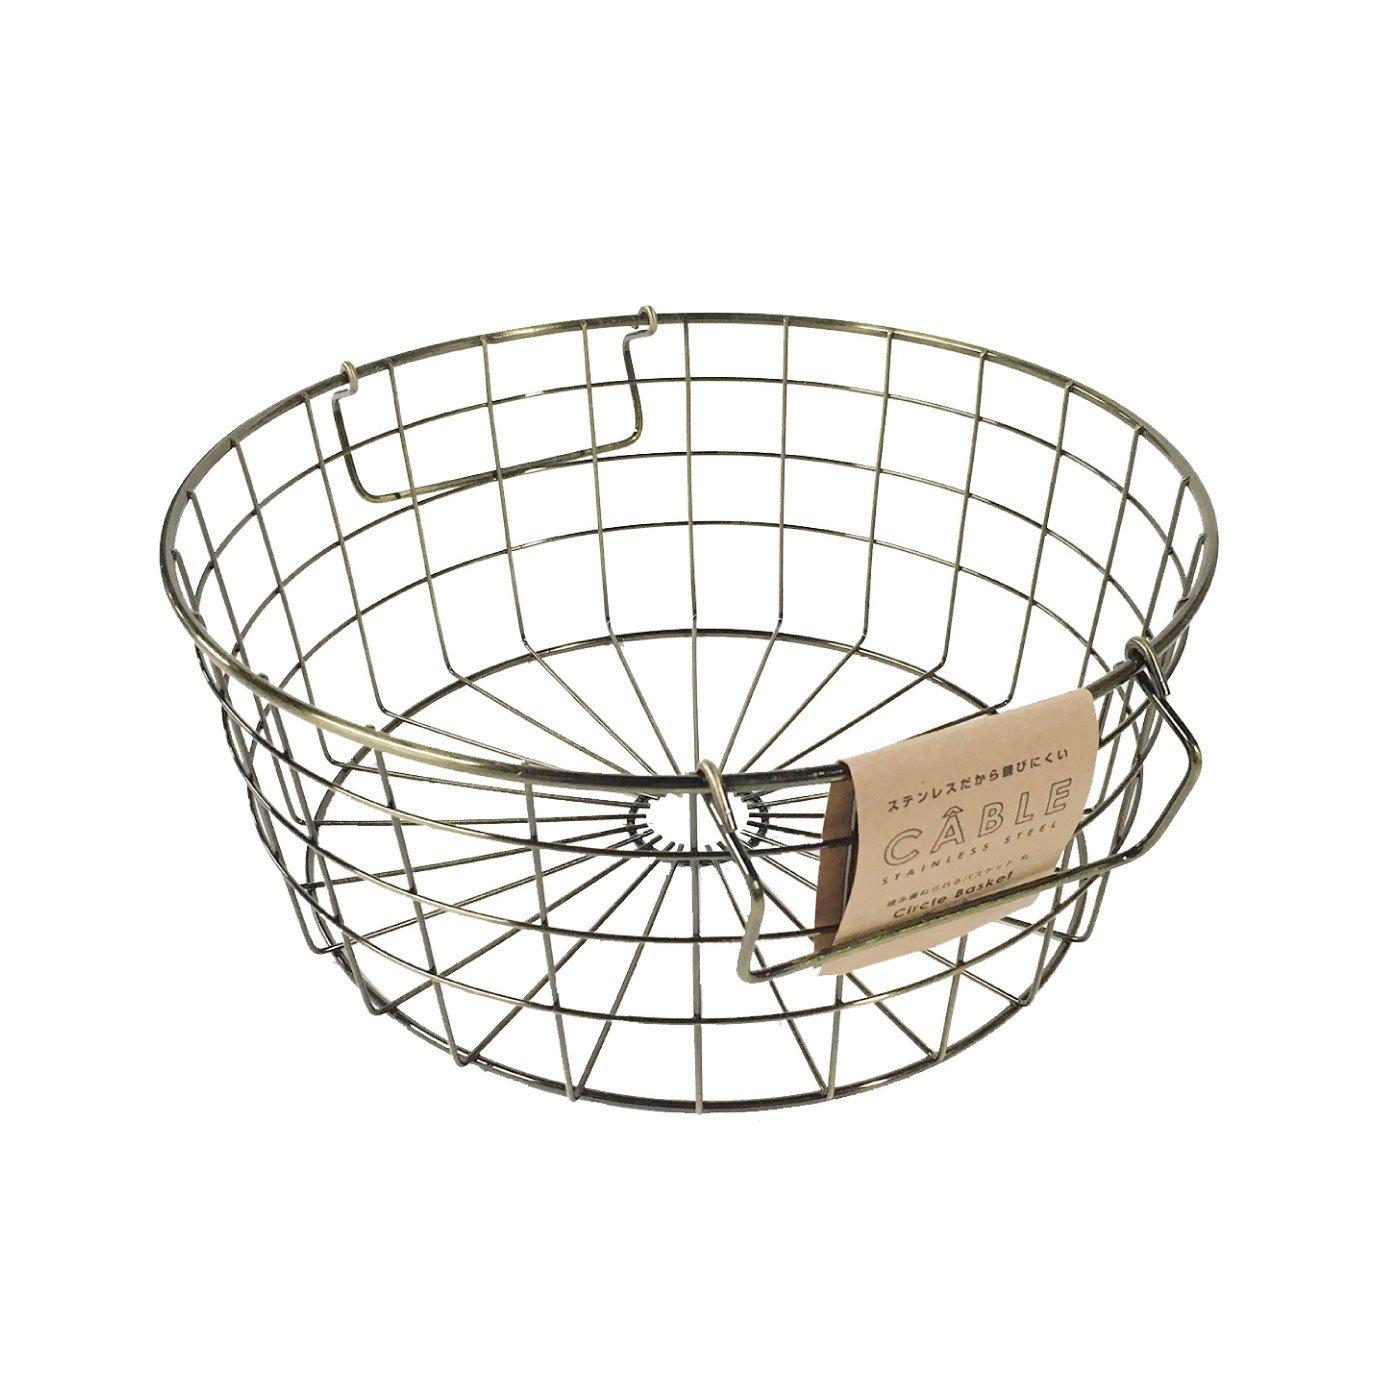 ステンレスでさびにくい アンティーク調ワイヤーバスケット ラウンド